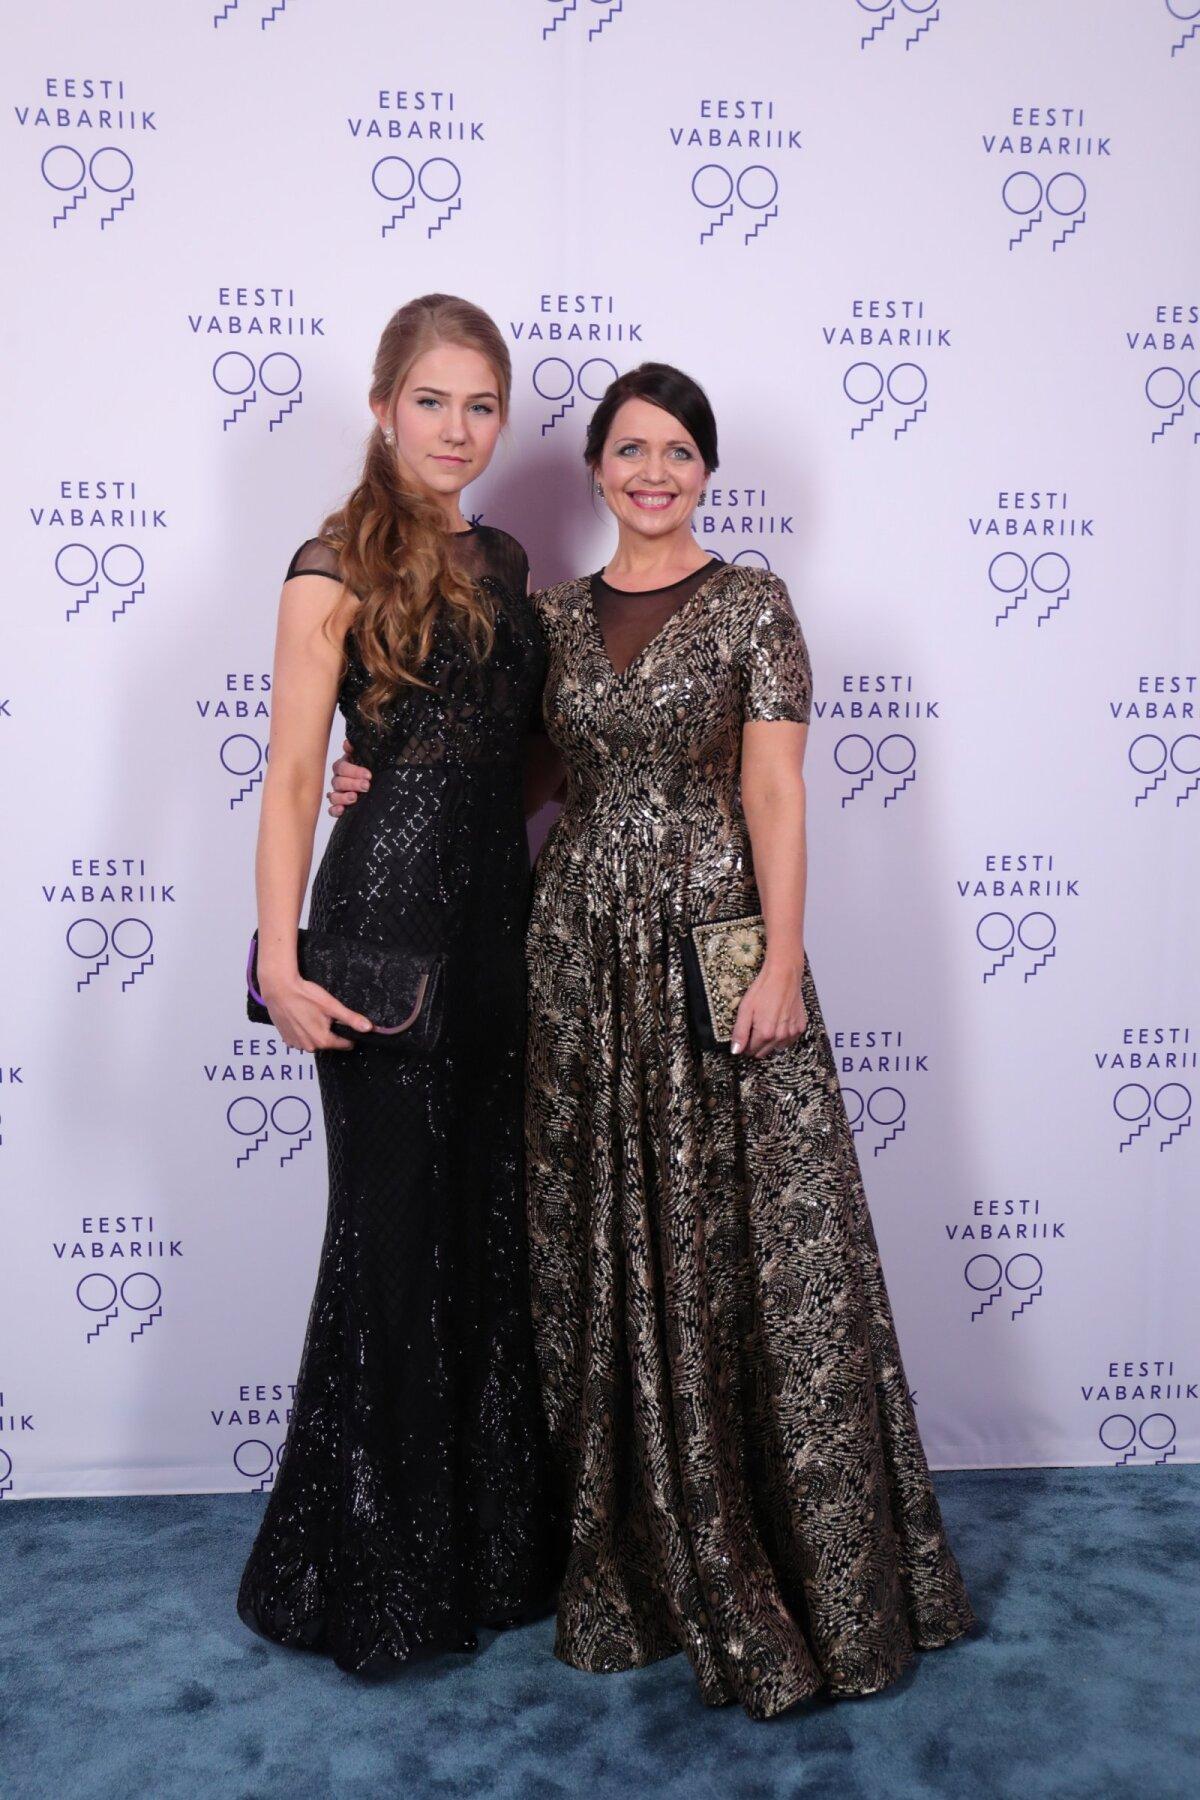 Riigikogu liige Anneli Ott ja tütar Anete Viitkin